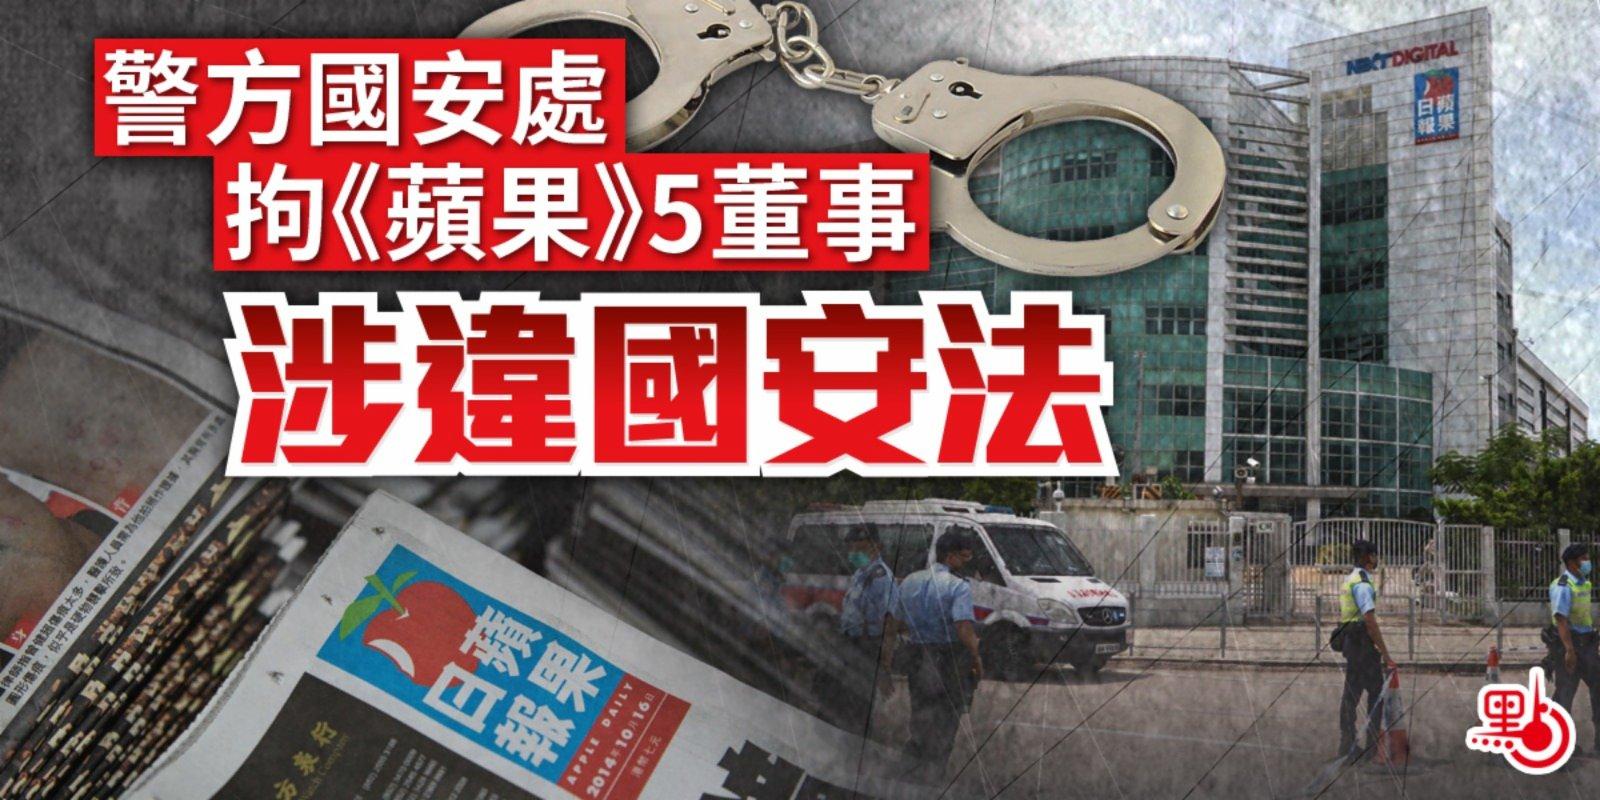 警方國安處拘《蘋果》5董事 涉違國安法